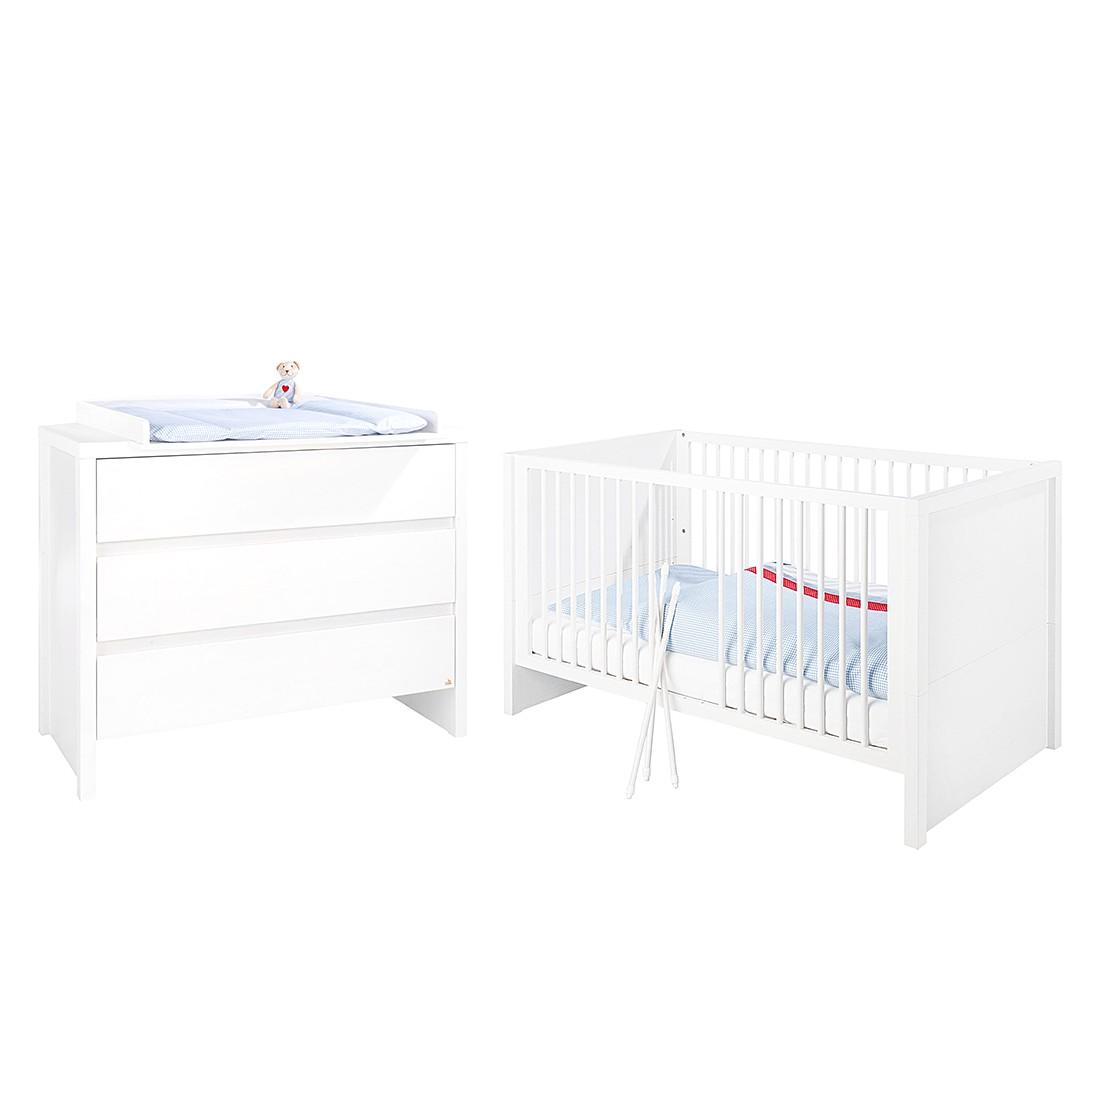 Ensemble économique pour chambre de bébé Aura - Sapin massif - Blanc, Pinolino